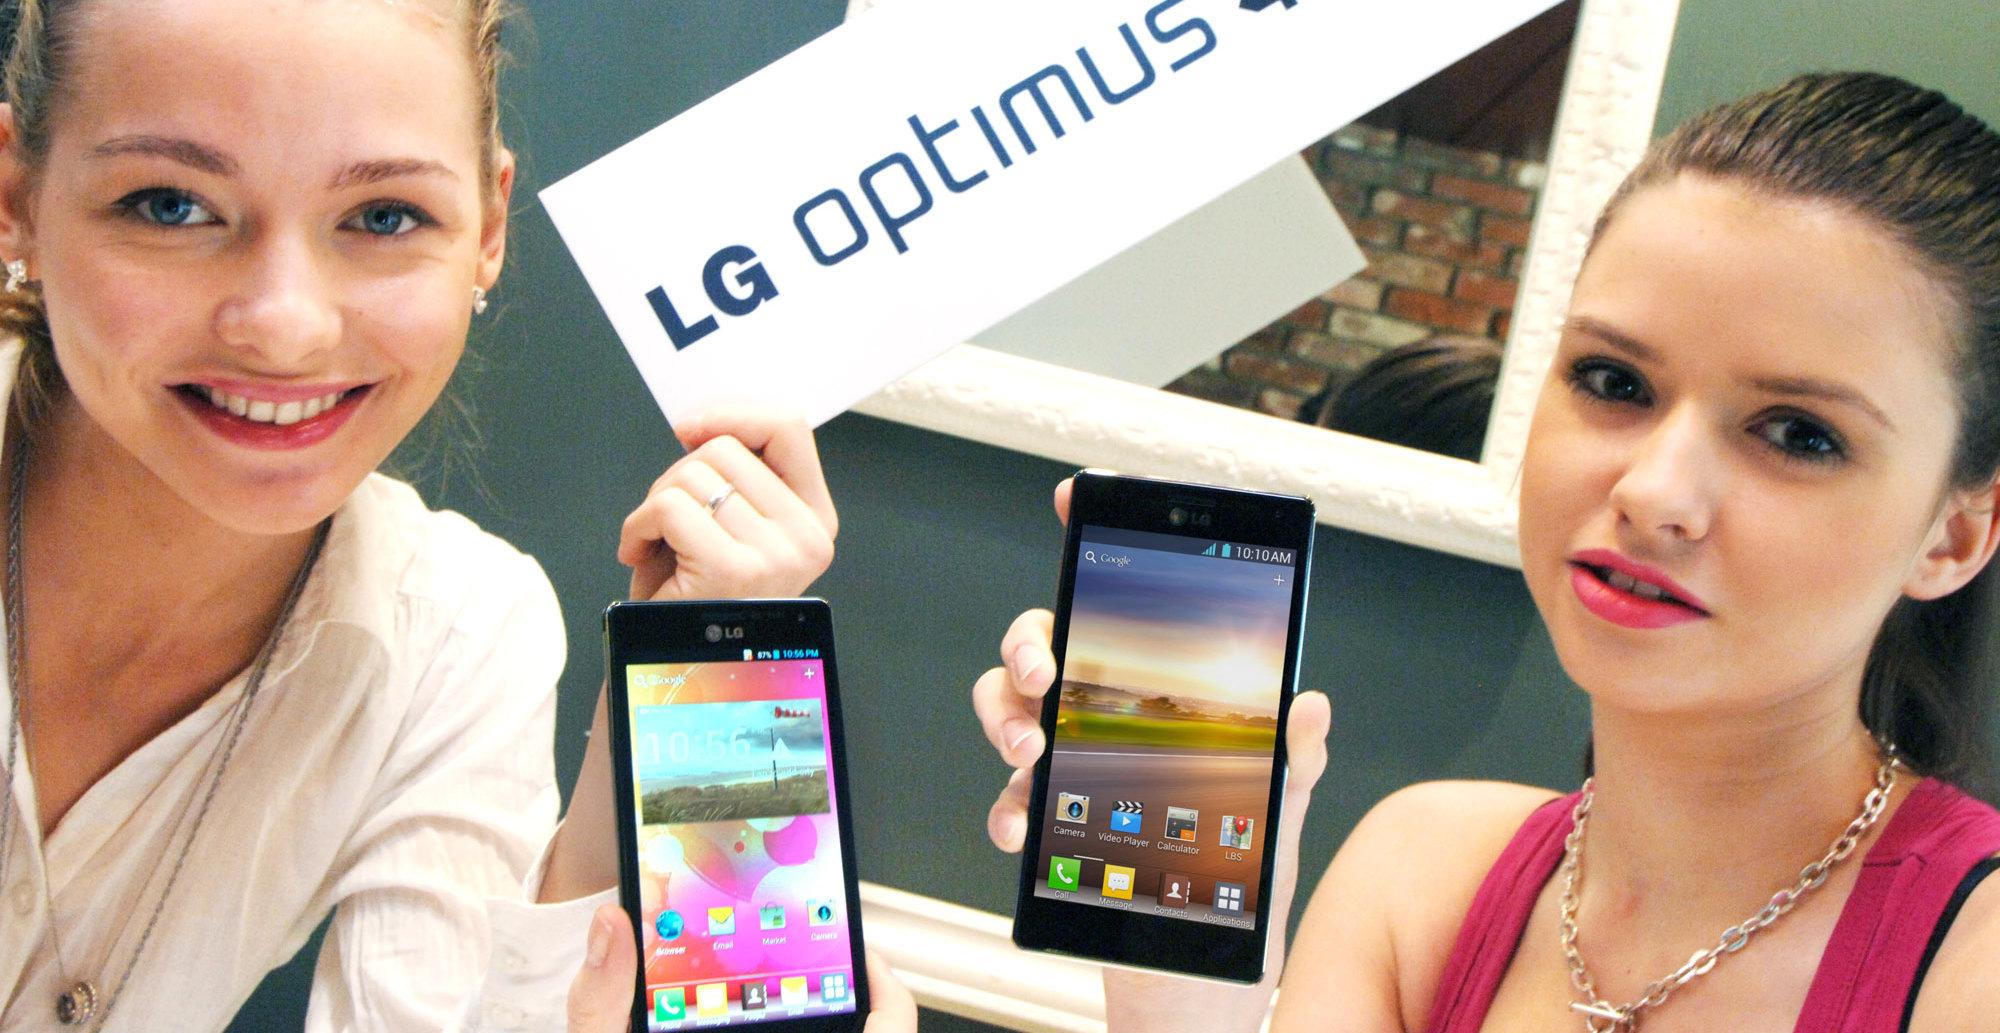 Optimus 4X er den hittil råeste mobilen fra LG, men noe enda bedre skal være på vei.